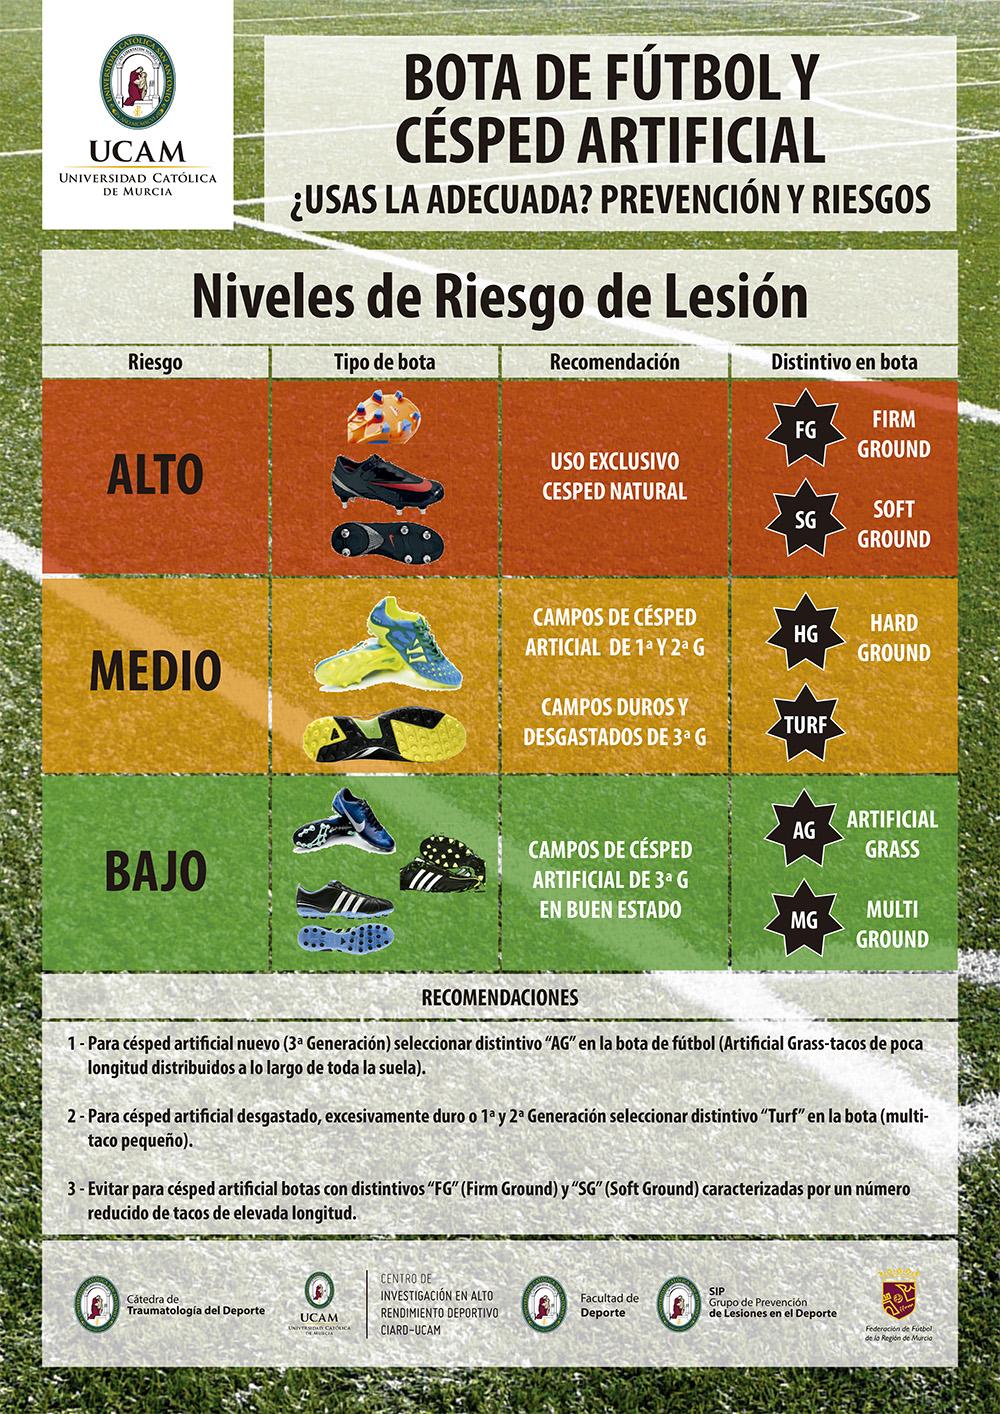 2338fedfb4116 La UCAM elabora un manual para evitar lesiones de futbolistas